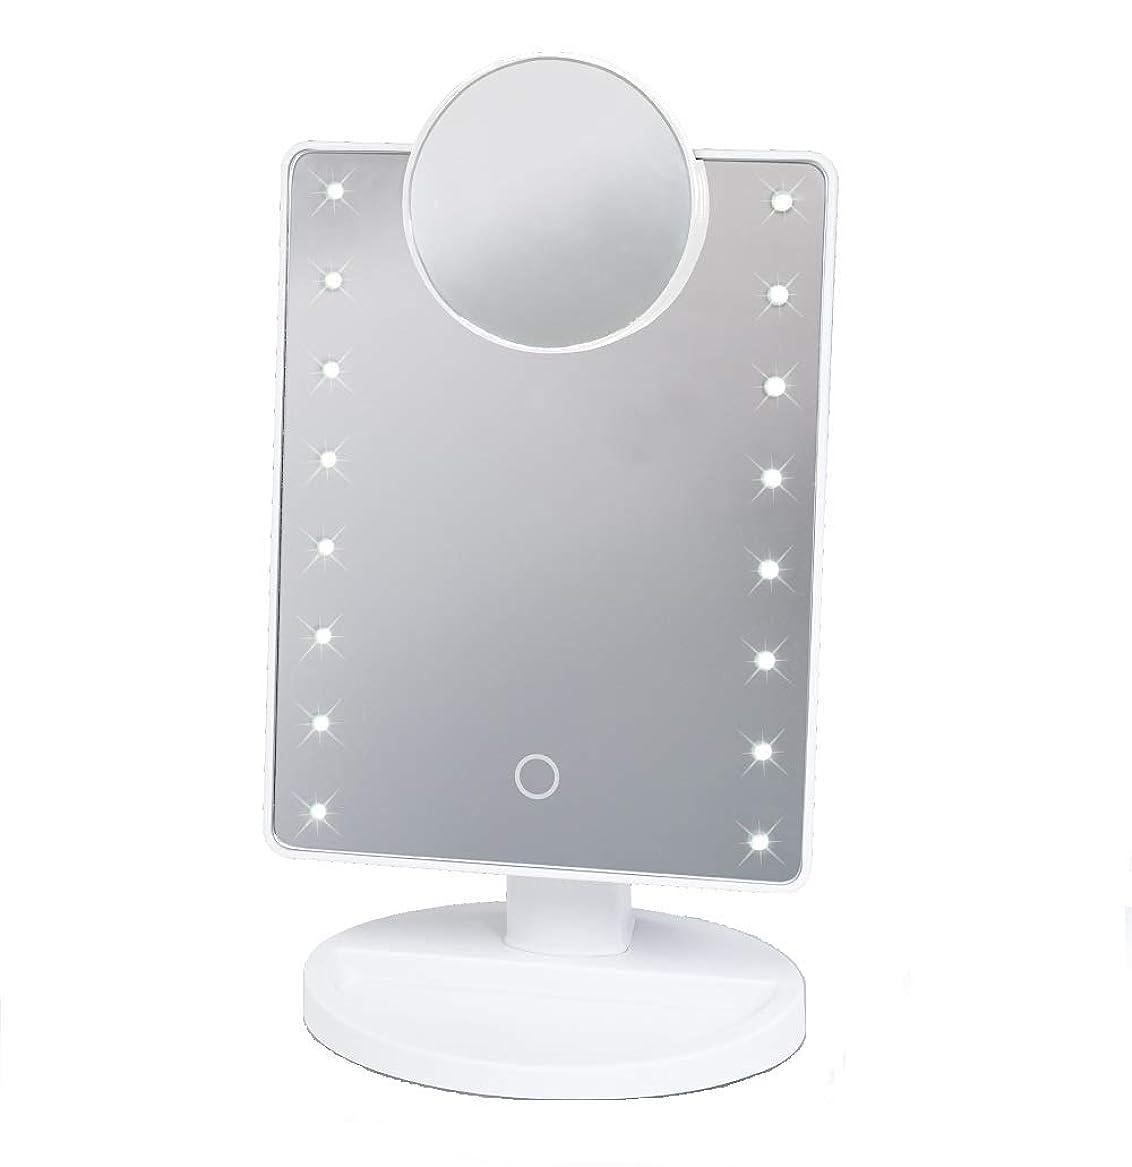 宴会こしょう協会16LED拡大鏡付き メイクアップミラー HAC2053